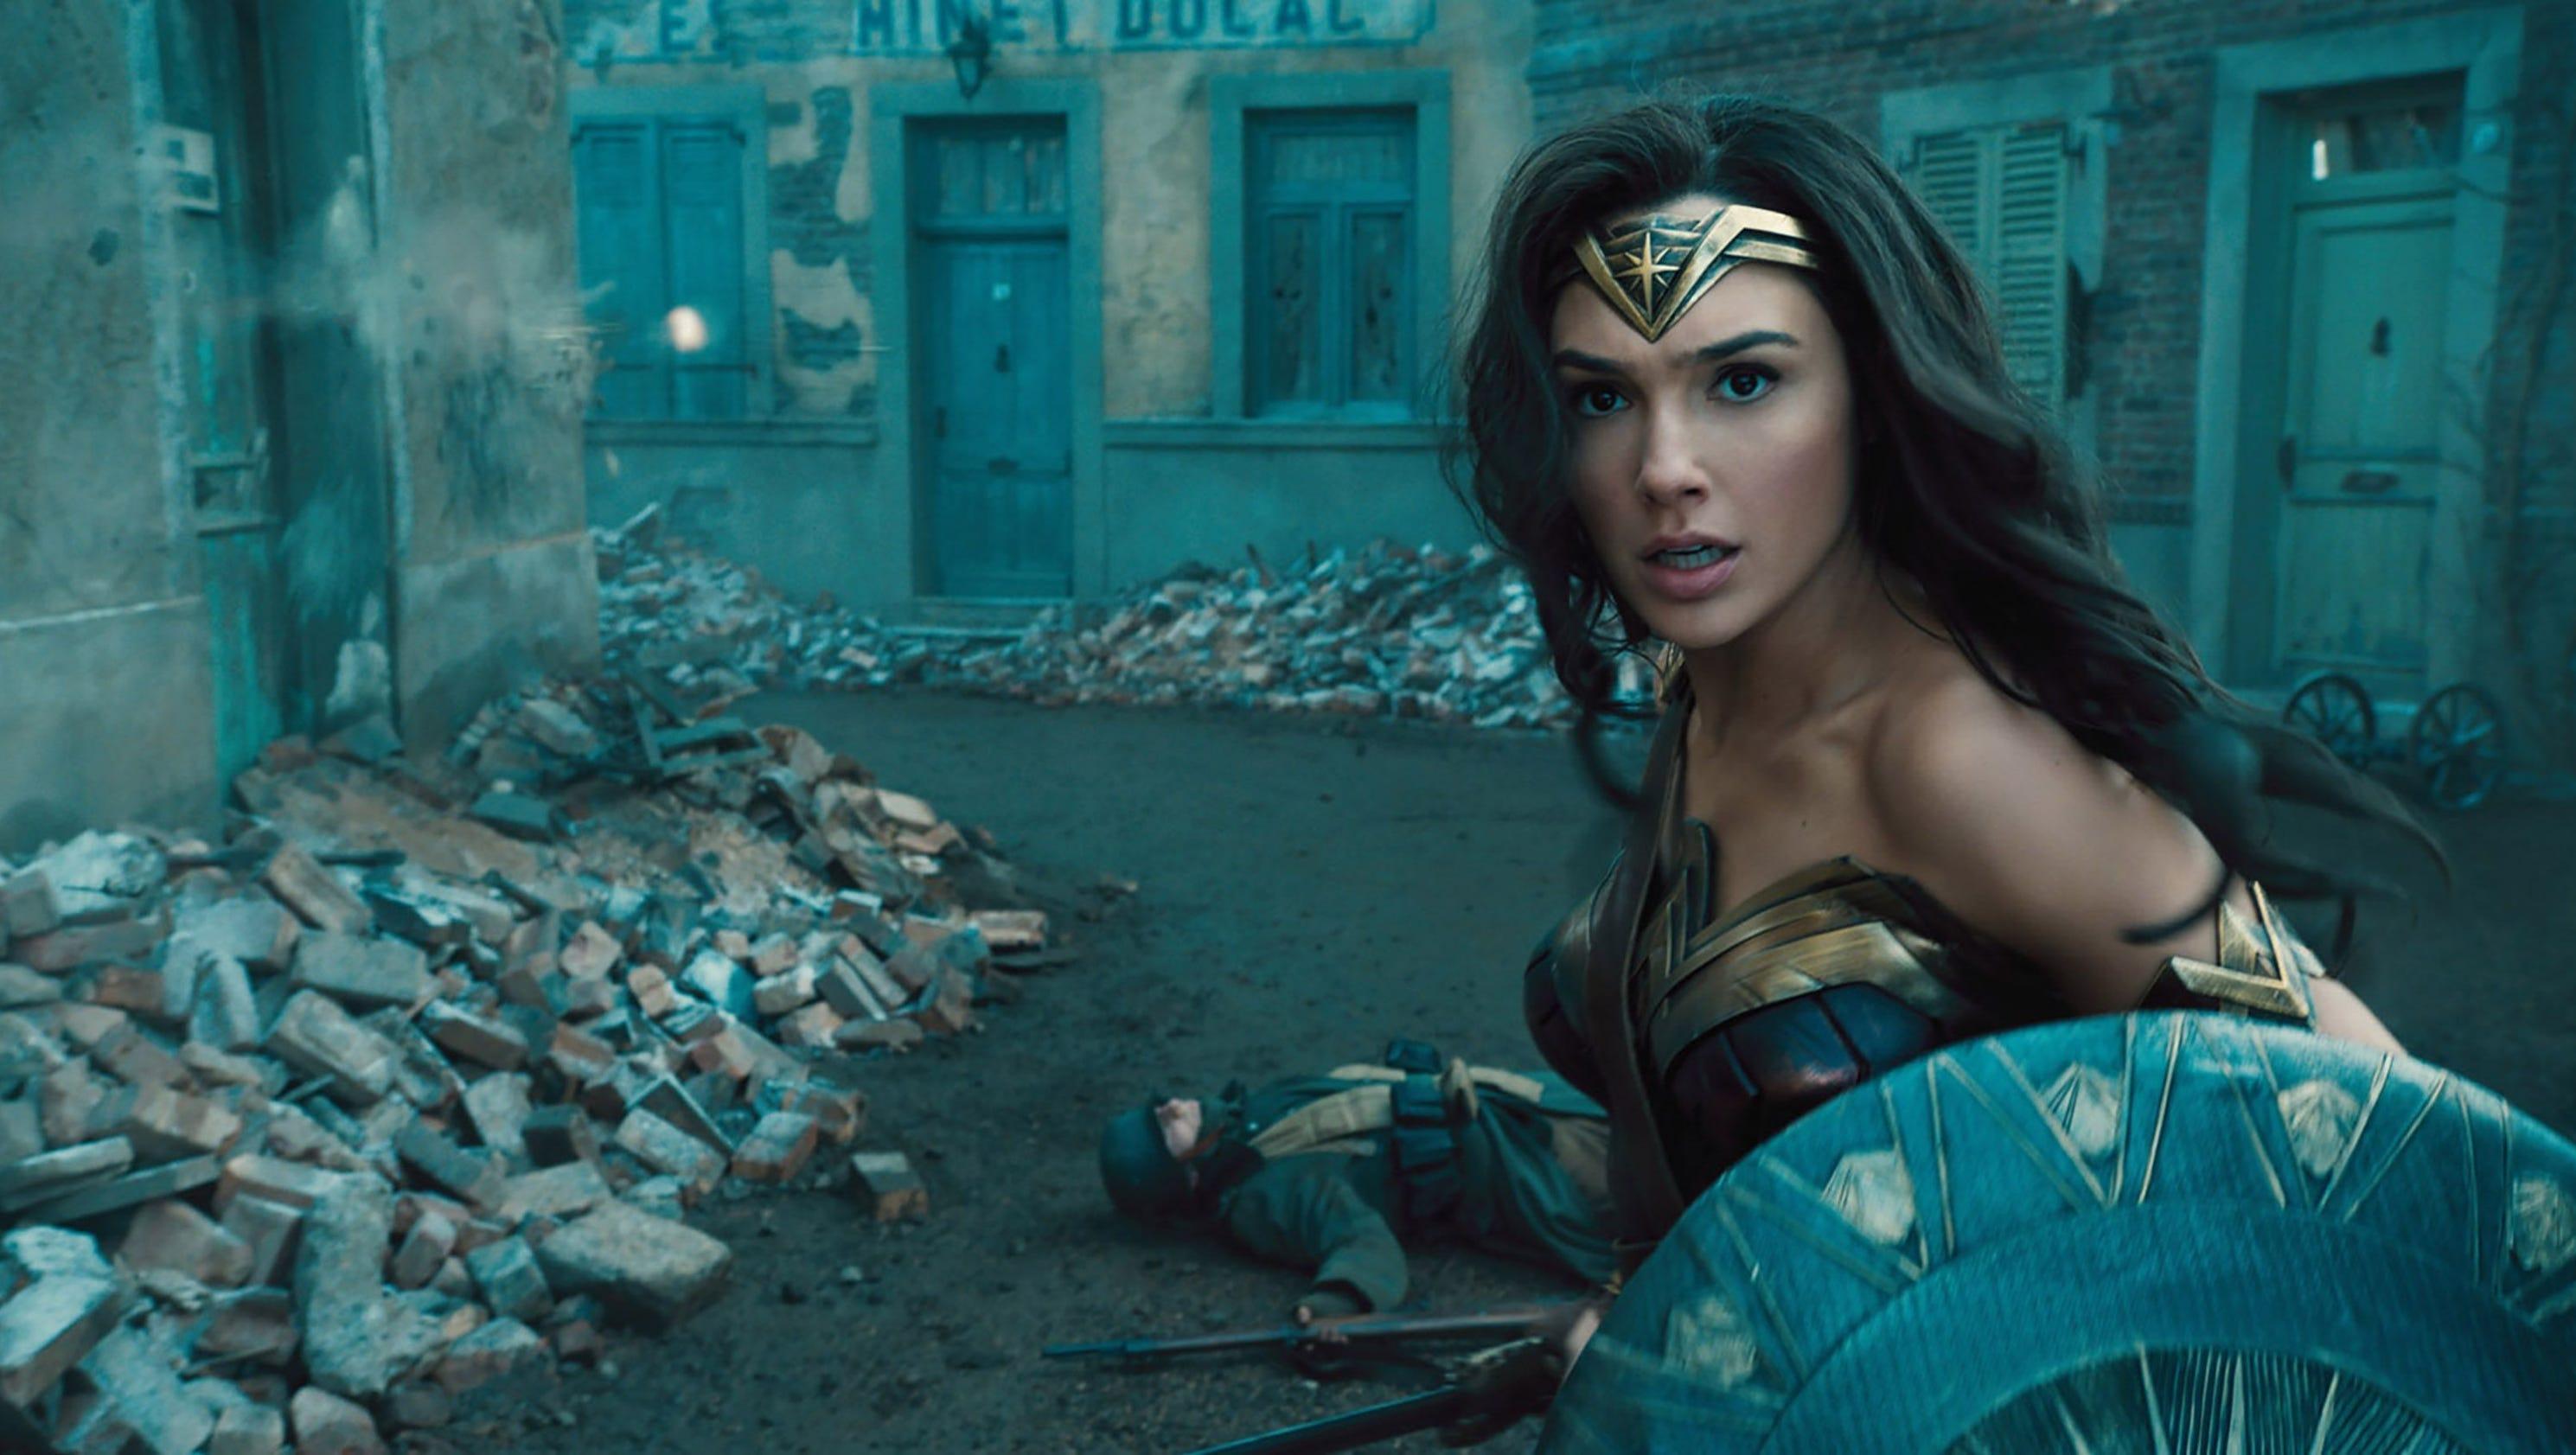 Xxx Wonder Woman 15